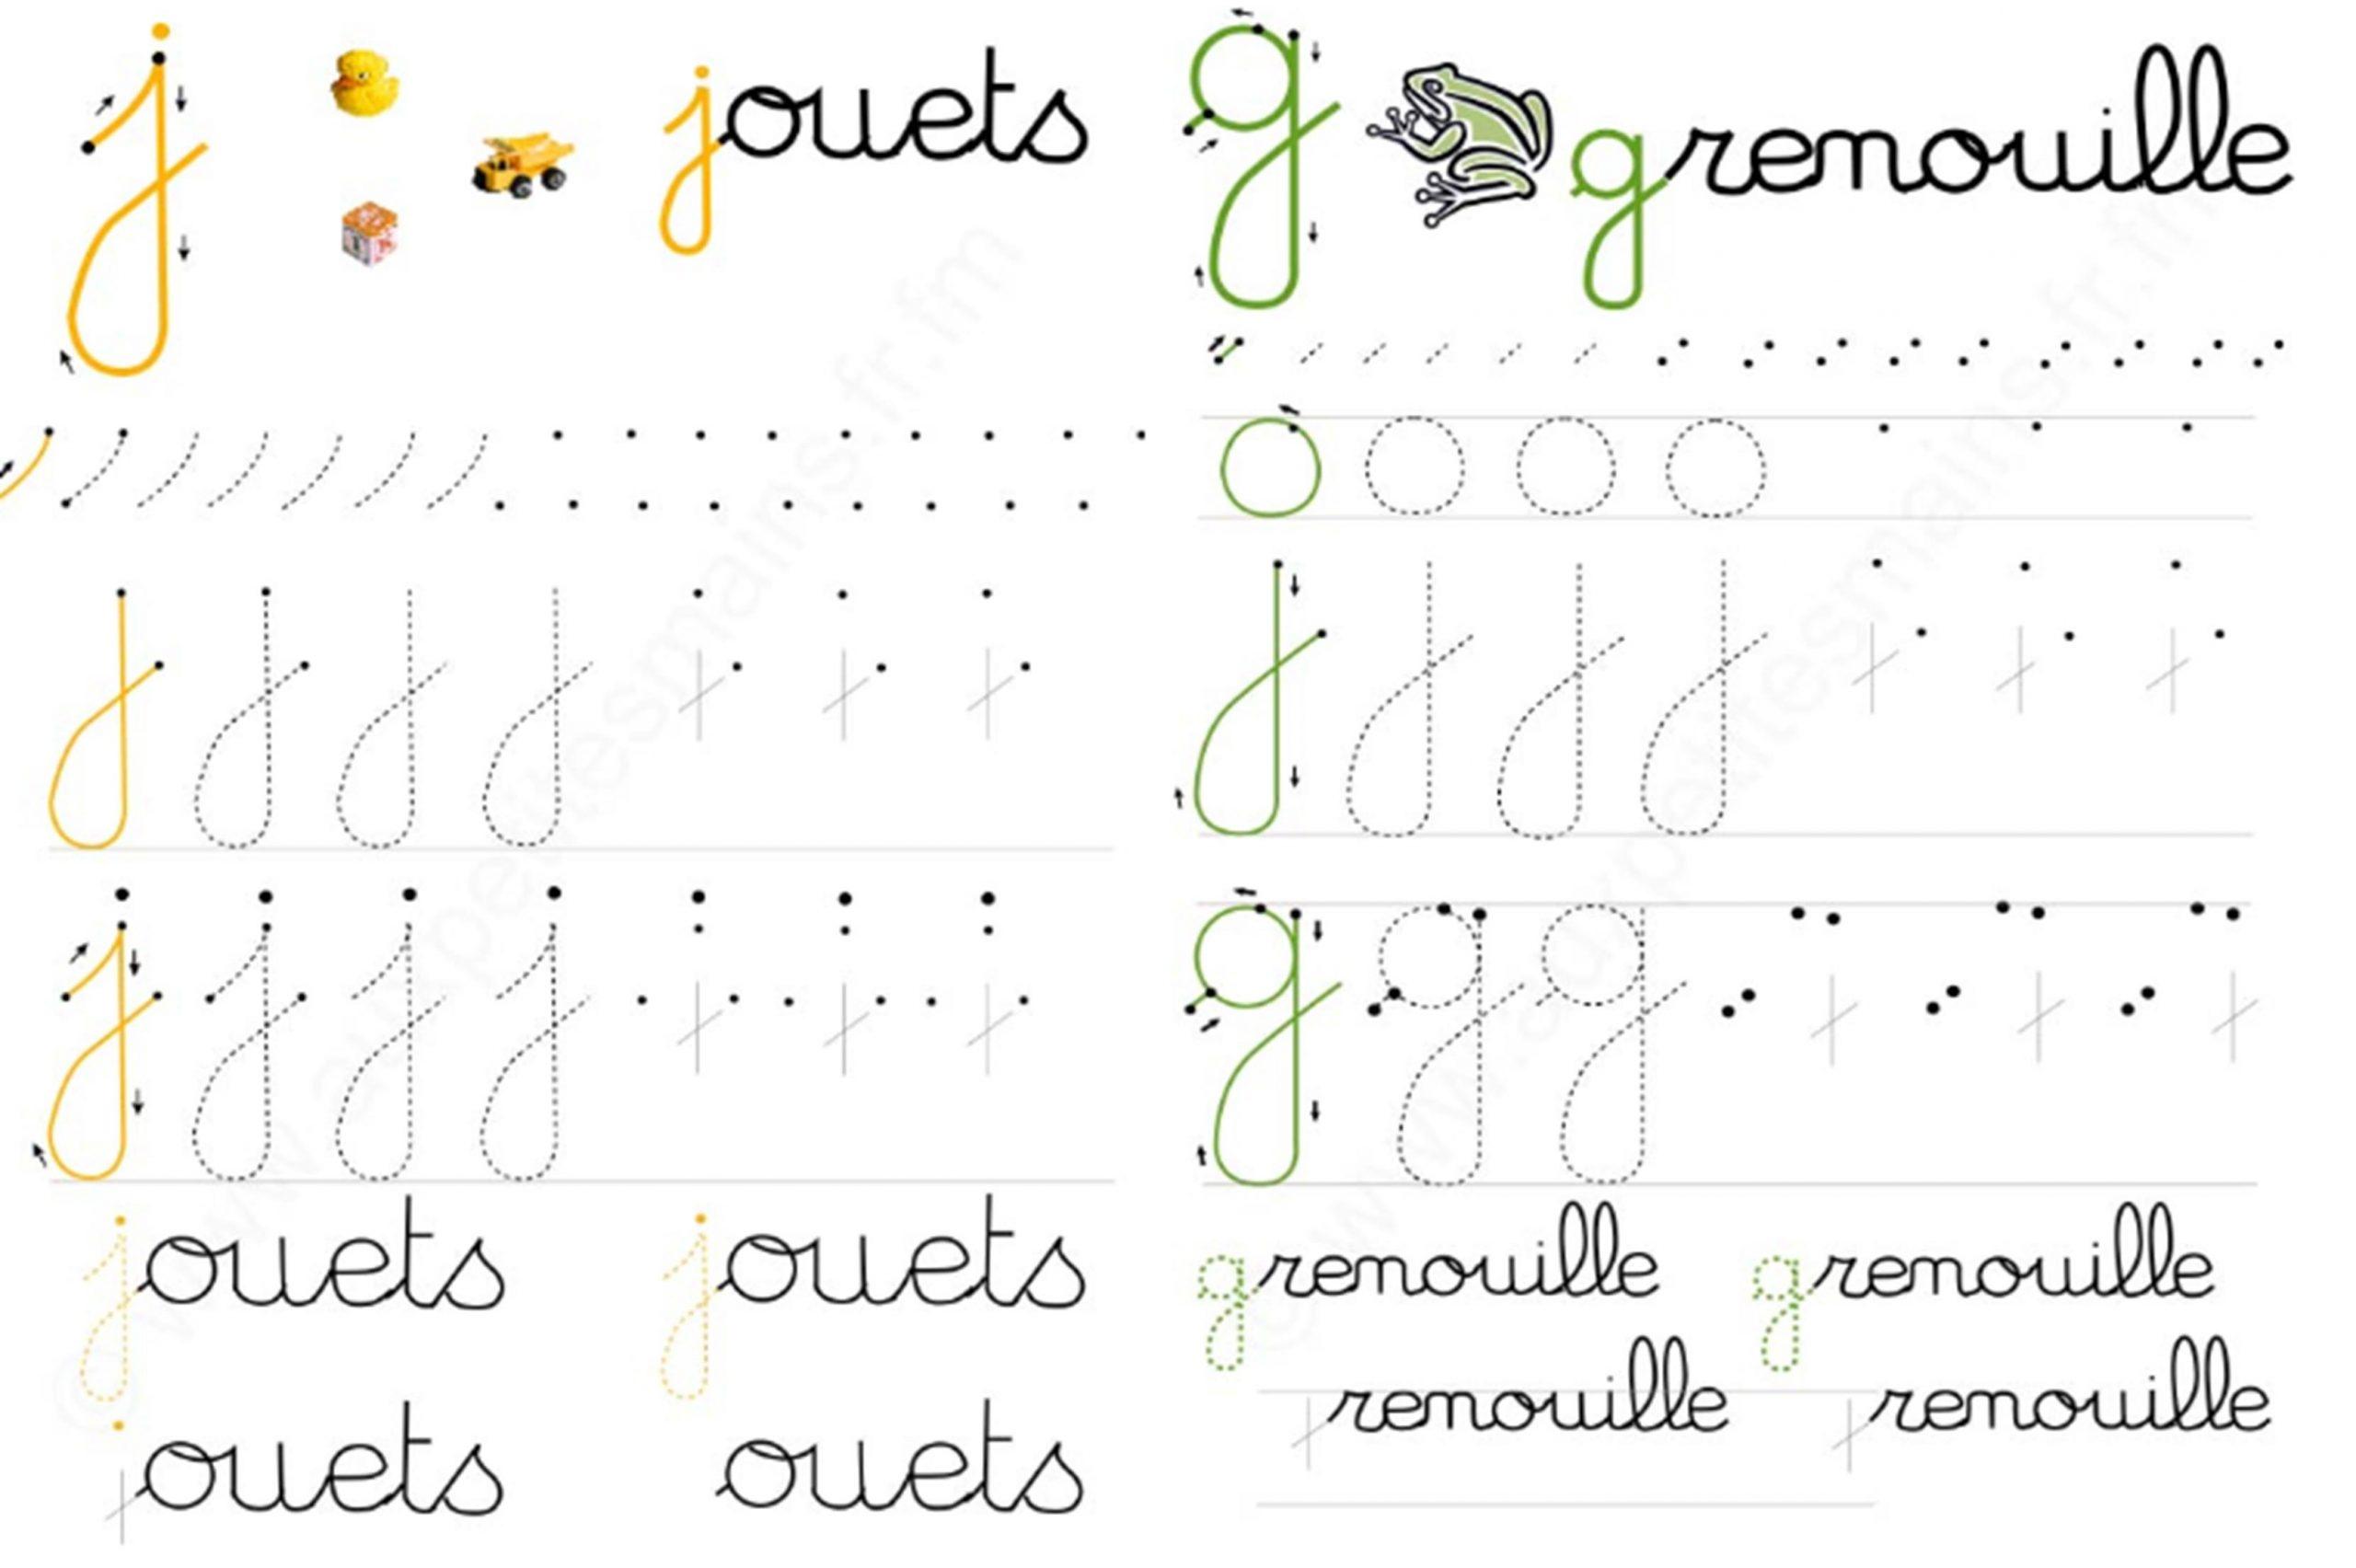 Fichier D'écriture Grande Section   Le Blog De Monsieur Mathieu encequiconcerne Fiche D Ecriture Pour Maternelle A Imprimer